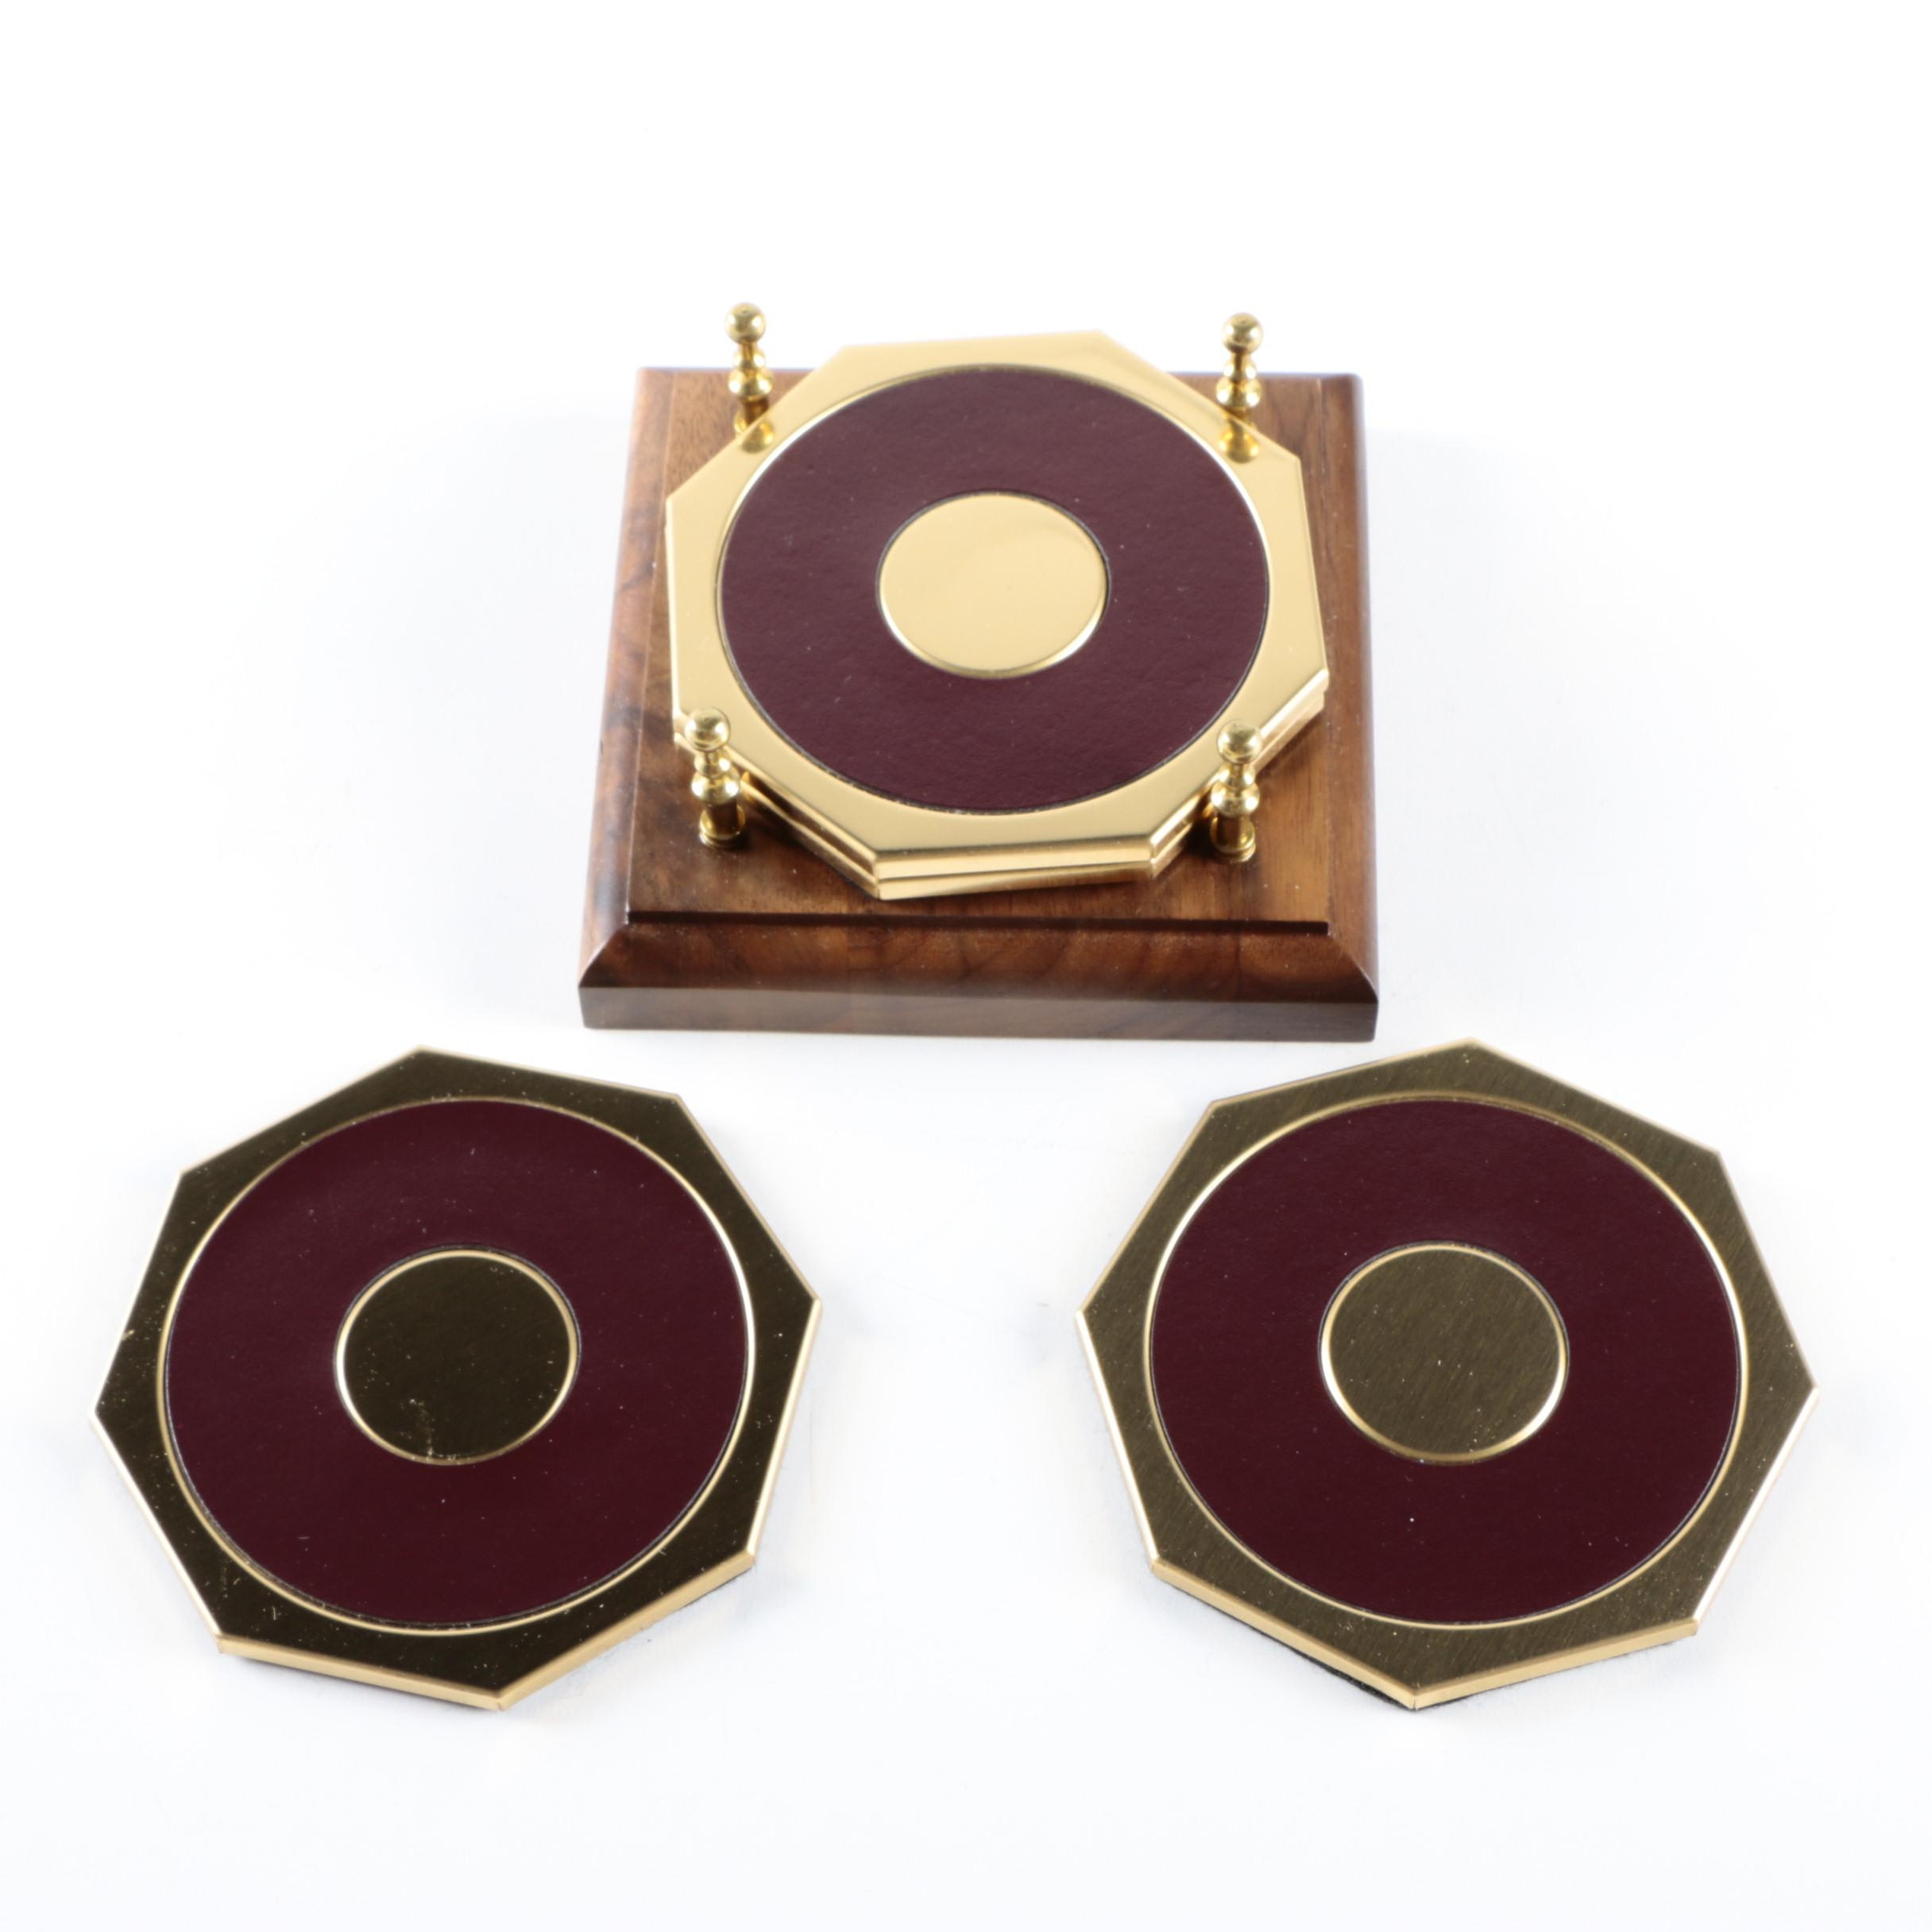 Hermès Octagonal Coaster Set